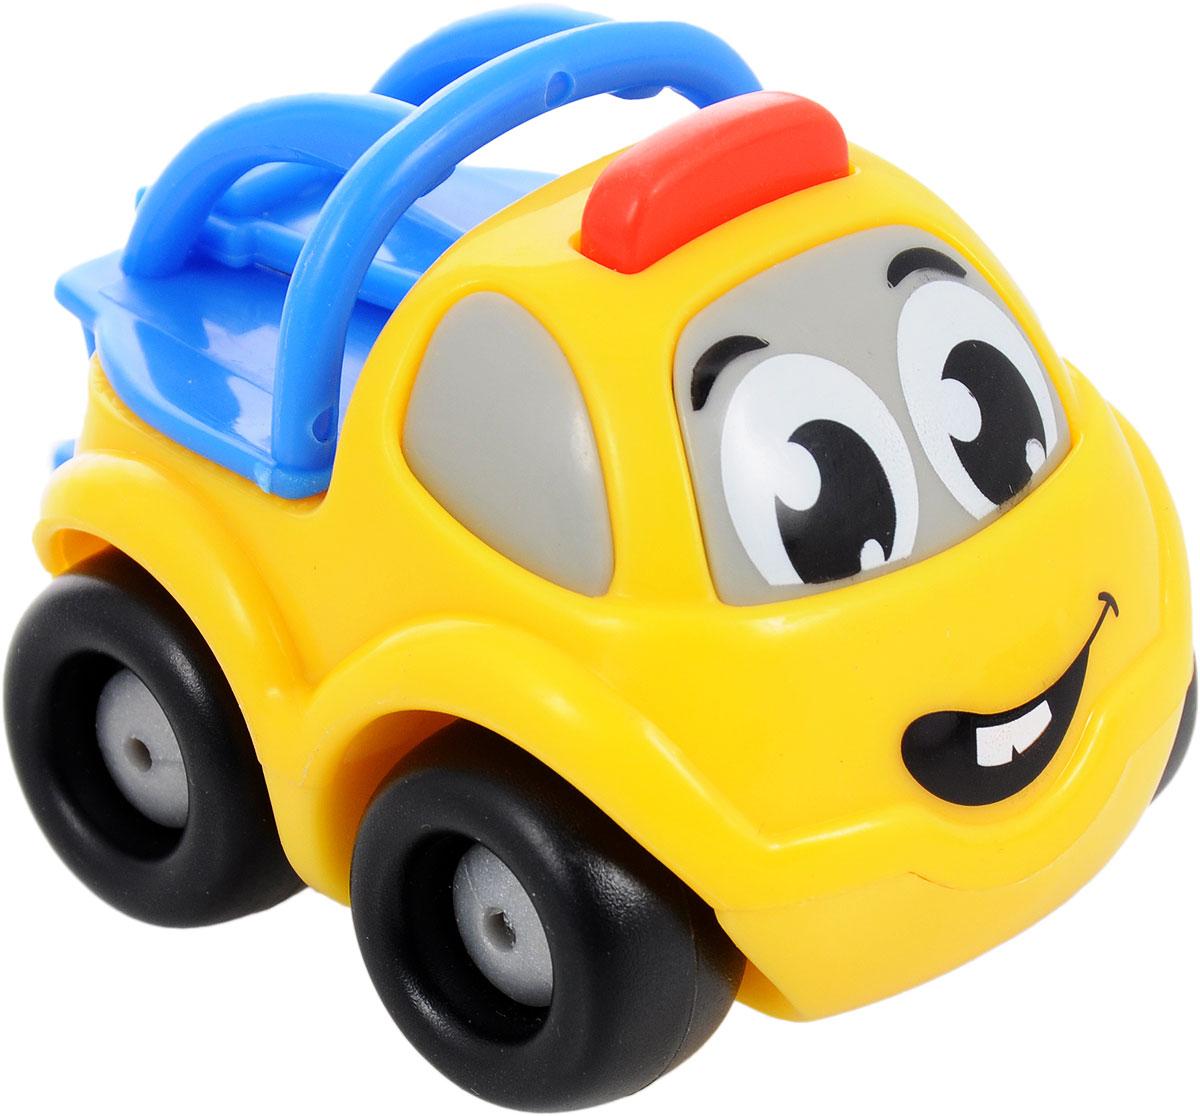 Smoby Машинка Vroom Planet цвет желтый синий211257_желтый/синийМини-машинка Smoby Vroom Planet привлечет внимание вашего ребенка и надолго останется его любимой игрушкой. Плавные формы без острых углов, яркие цвета - все это выгодно выделяет эту игрушку из ряда подобных. Игрушка в виде машинки-эвакуатора, у которой сзади имеется крюк. Кабина машинки оформлена в виде лица - на лобовом стекле видны глазки, а на капоте - задорная улыбка. Машинка развивает концентрацию внимания, координацию движений, мелкую моторику рук, цветовое восприятие и воображение. Малыш будет часами играть с этой машинкой, придумывая разные истории.